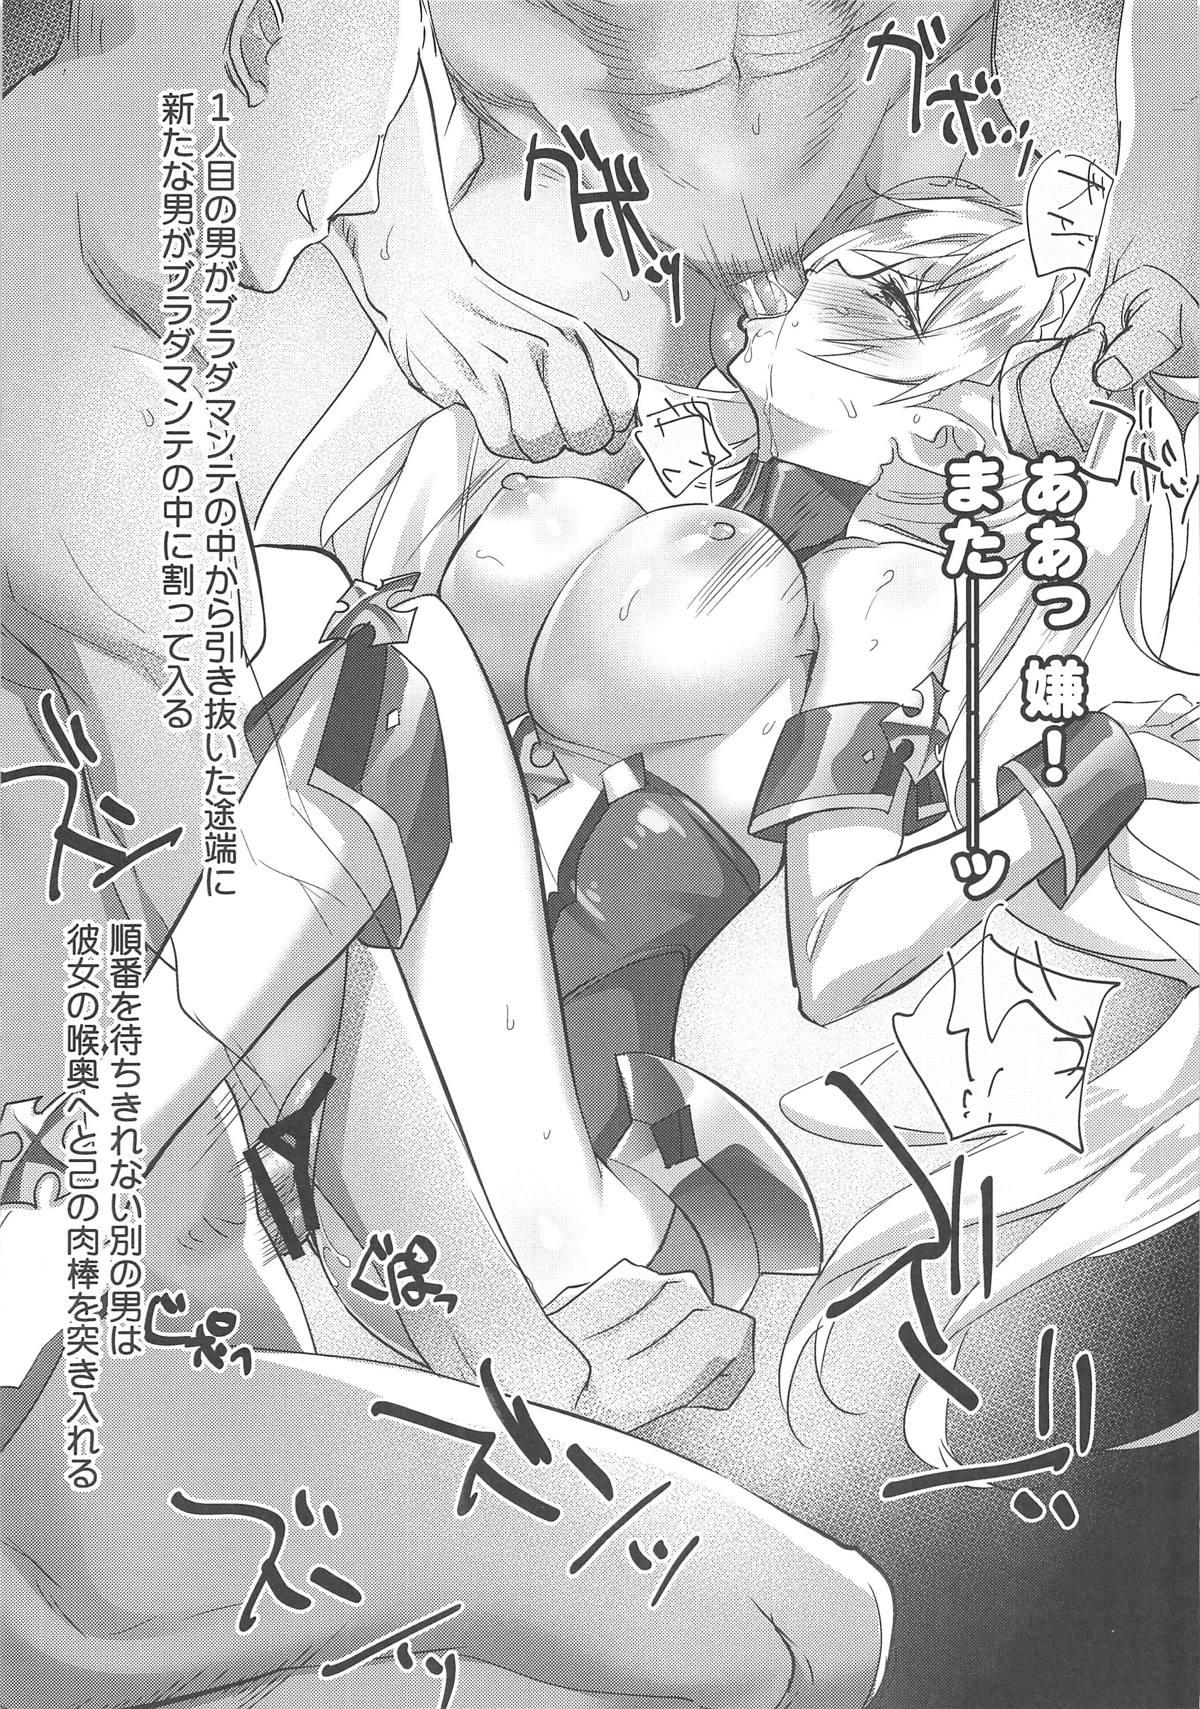 【エロ漫画】女騎士は犯されるのに慣れてないからレイプ時に歪む顔が非常にそそるんですよ♪